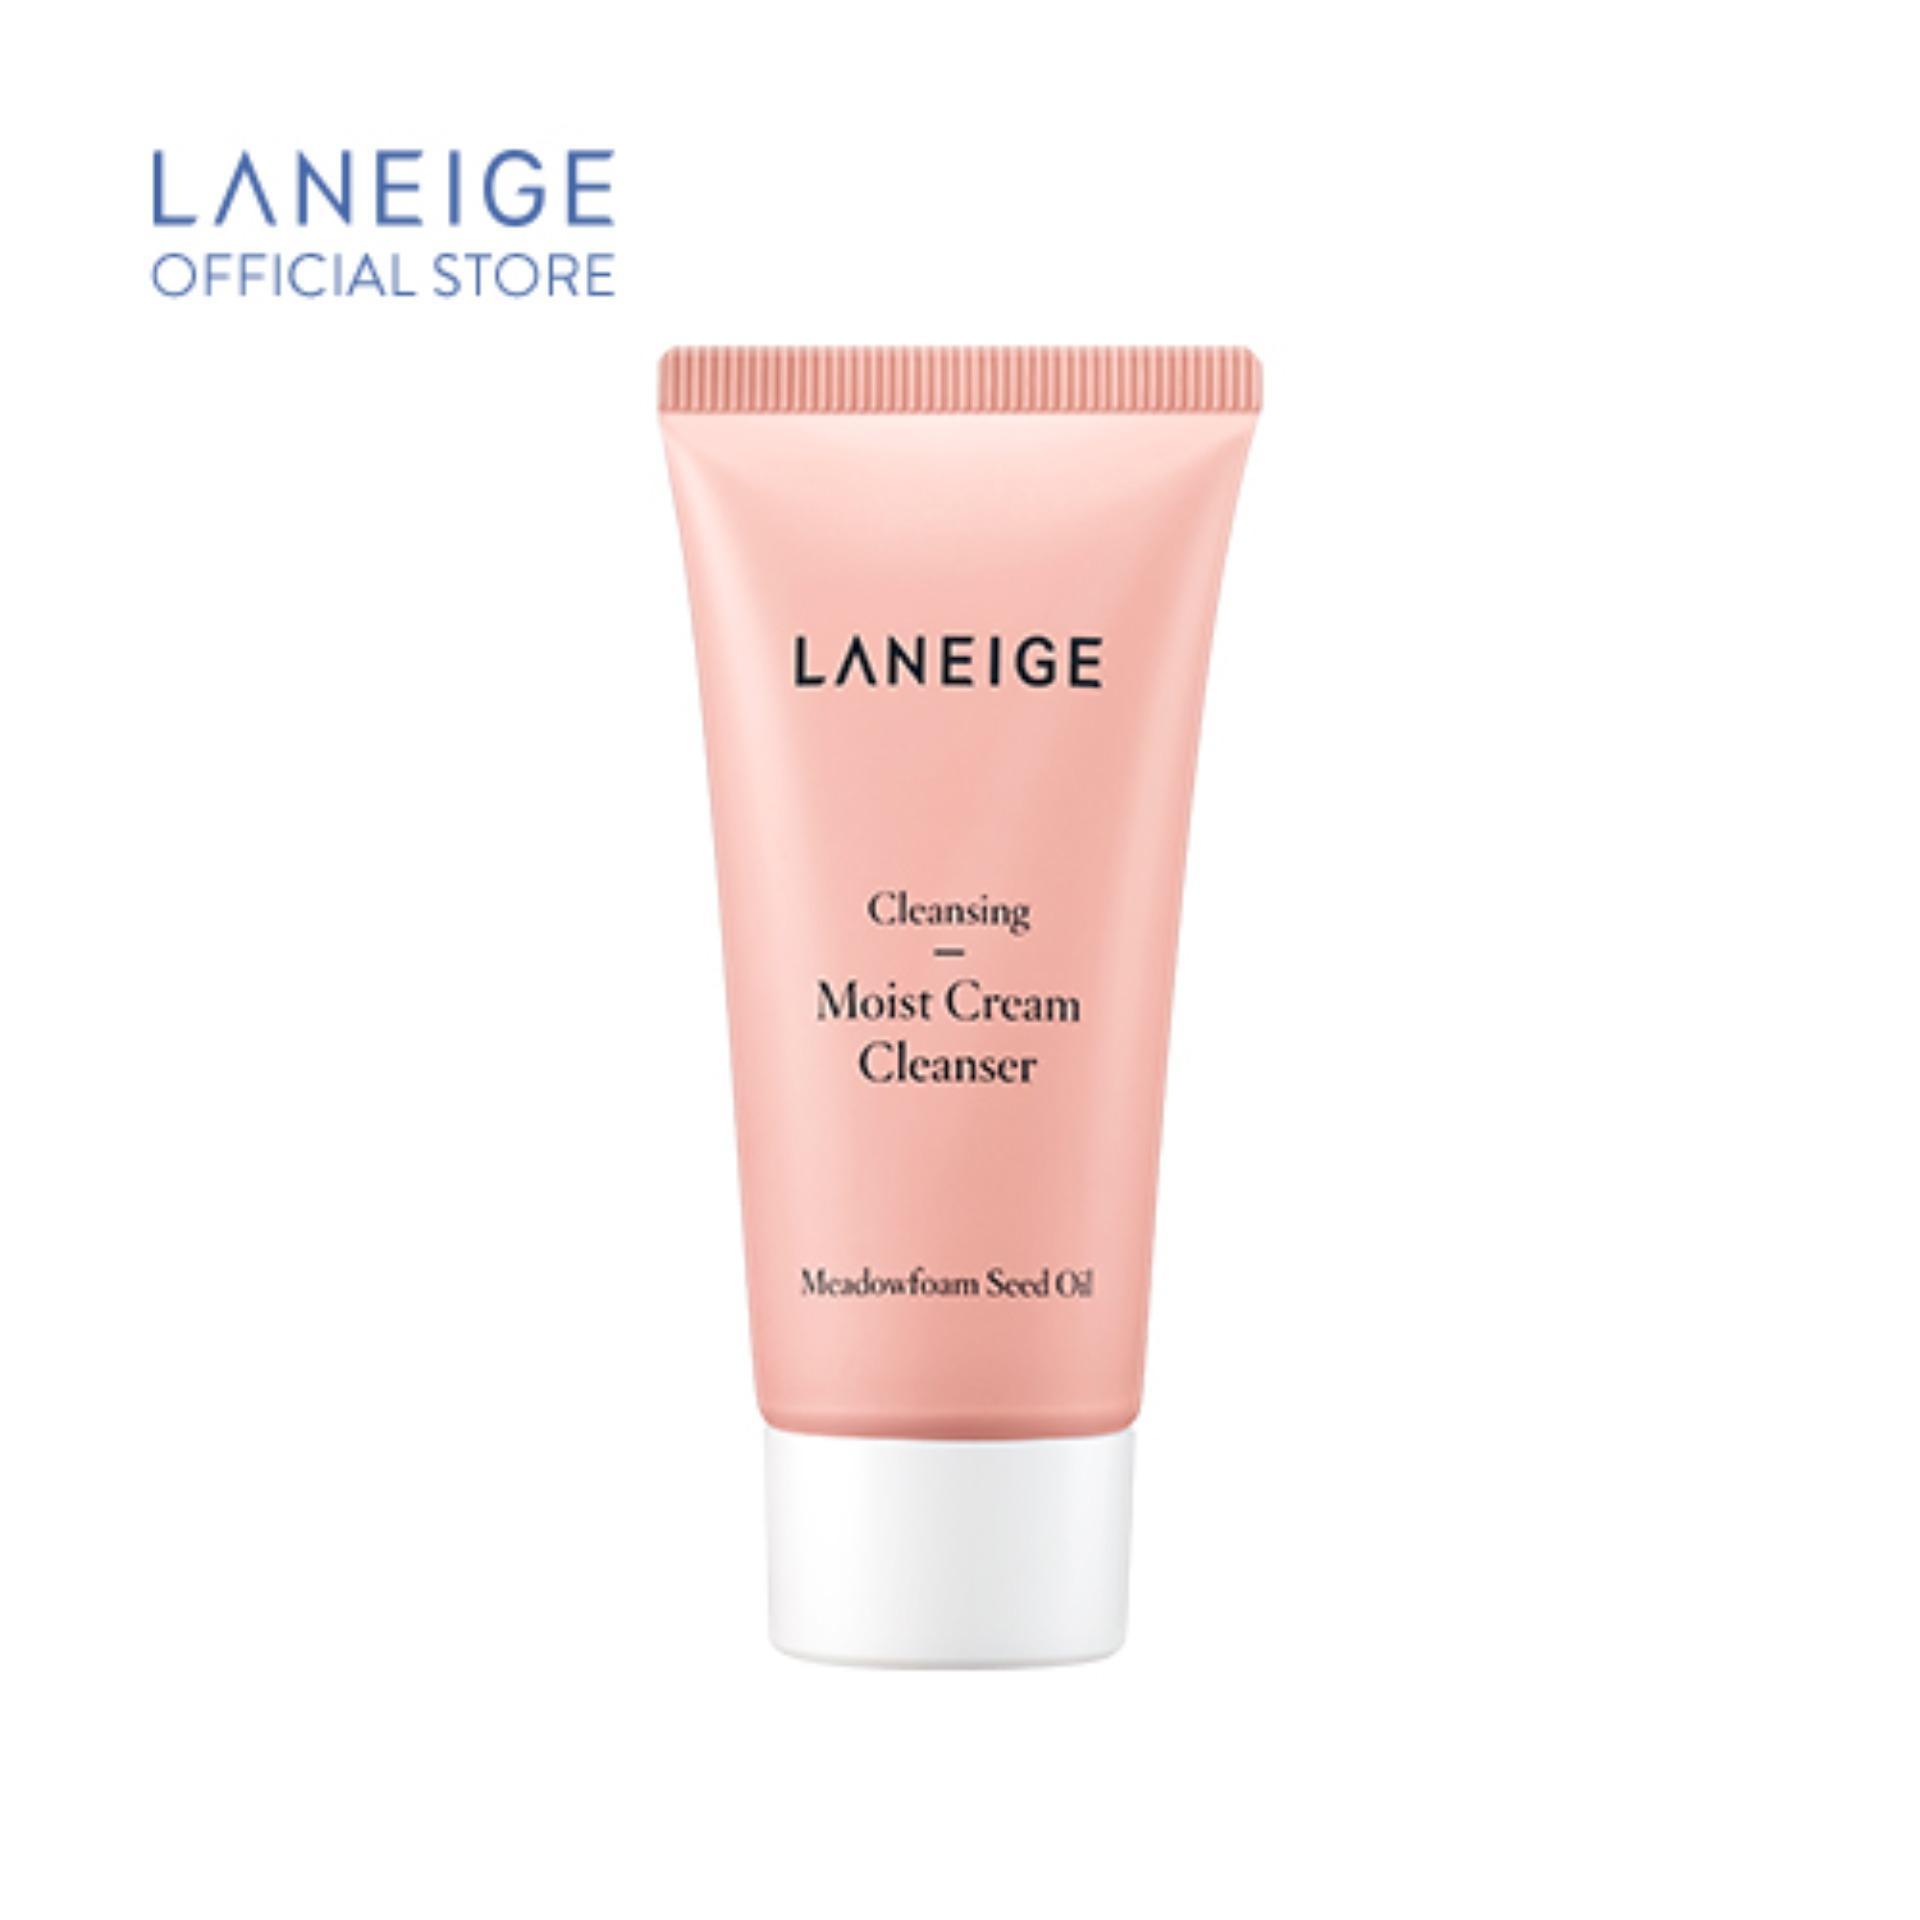 [Hàng tặng không bán] Sữa rửa mặt giúp dưỡng ẩm cho da thường và da khô Laneige Moist Cream Cleanser 30Ml nhập khẩu